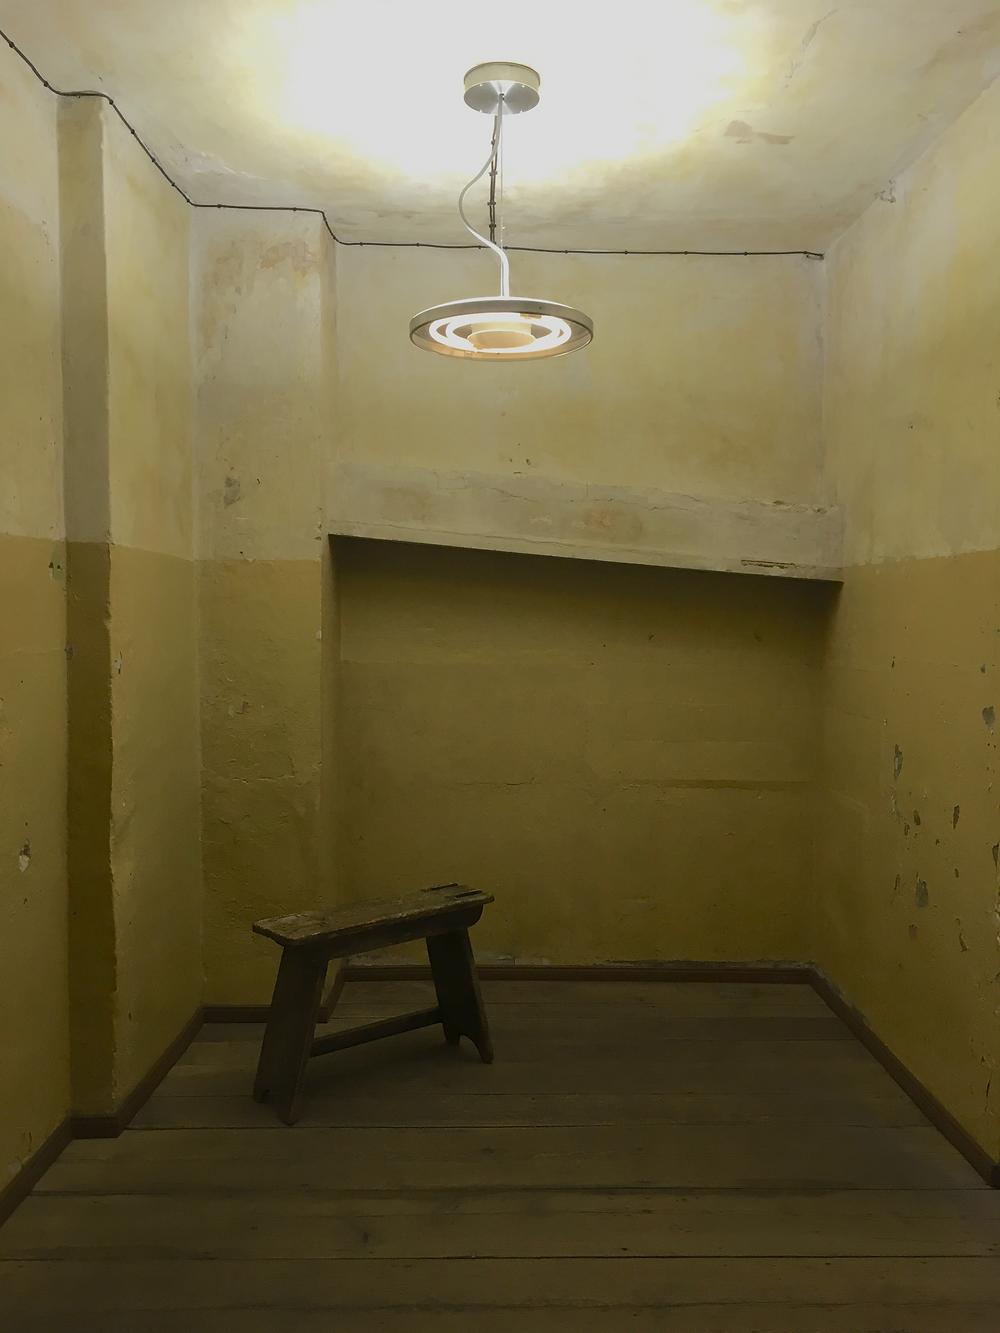 ヴァイト氏が一部の従業員を匿っていた部屋